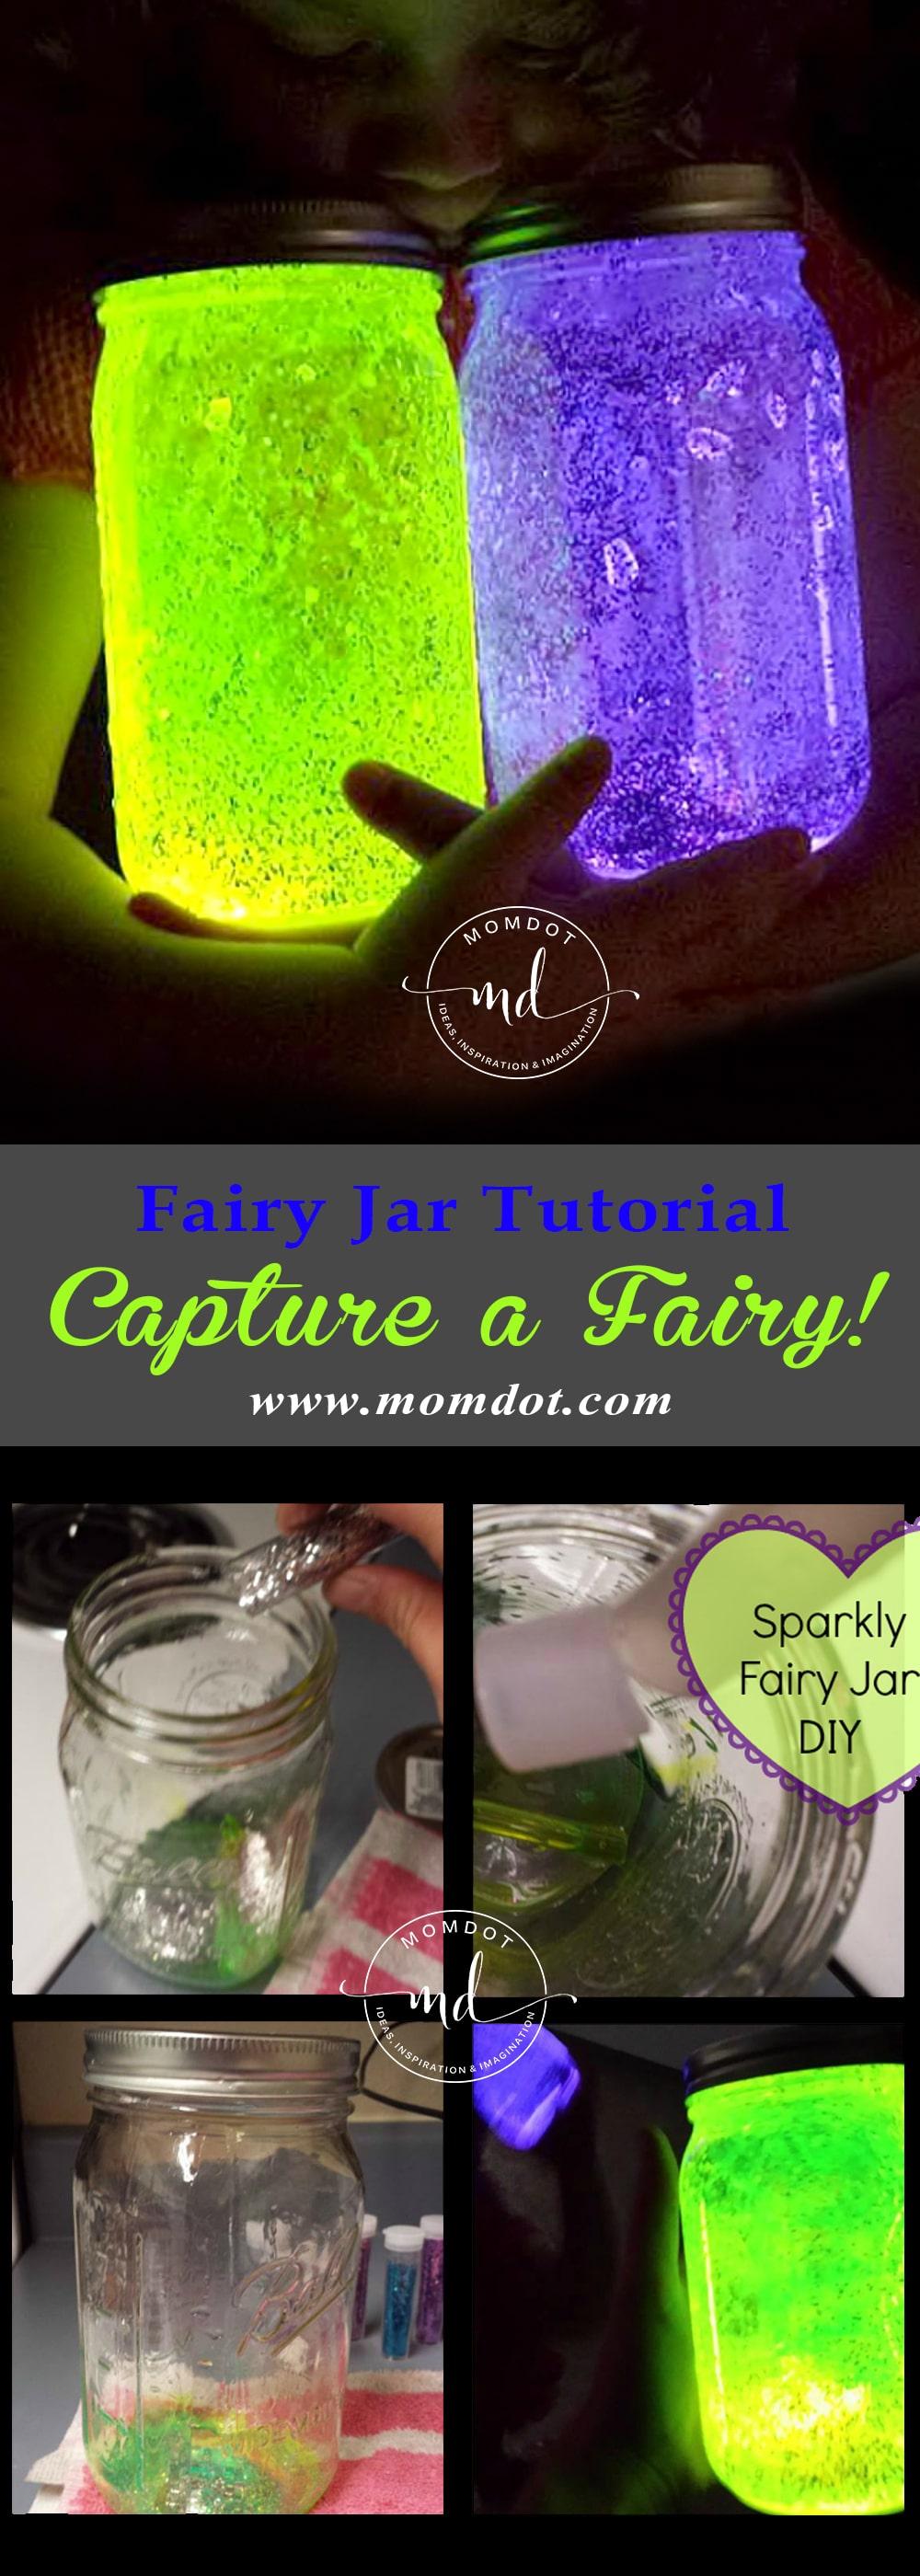 Fairy Jar Tutorial Diy And Capture A Fairy